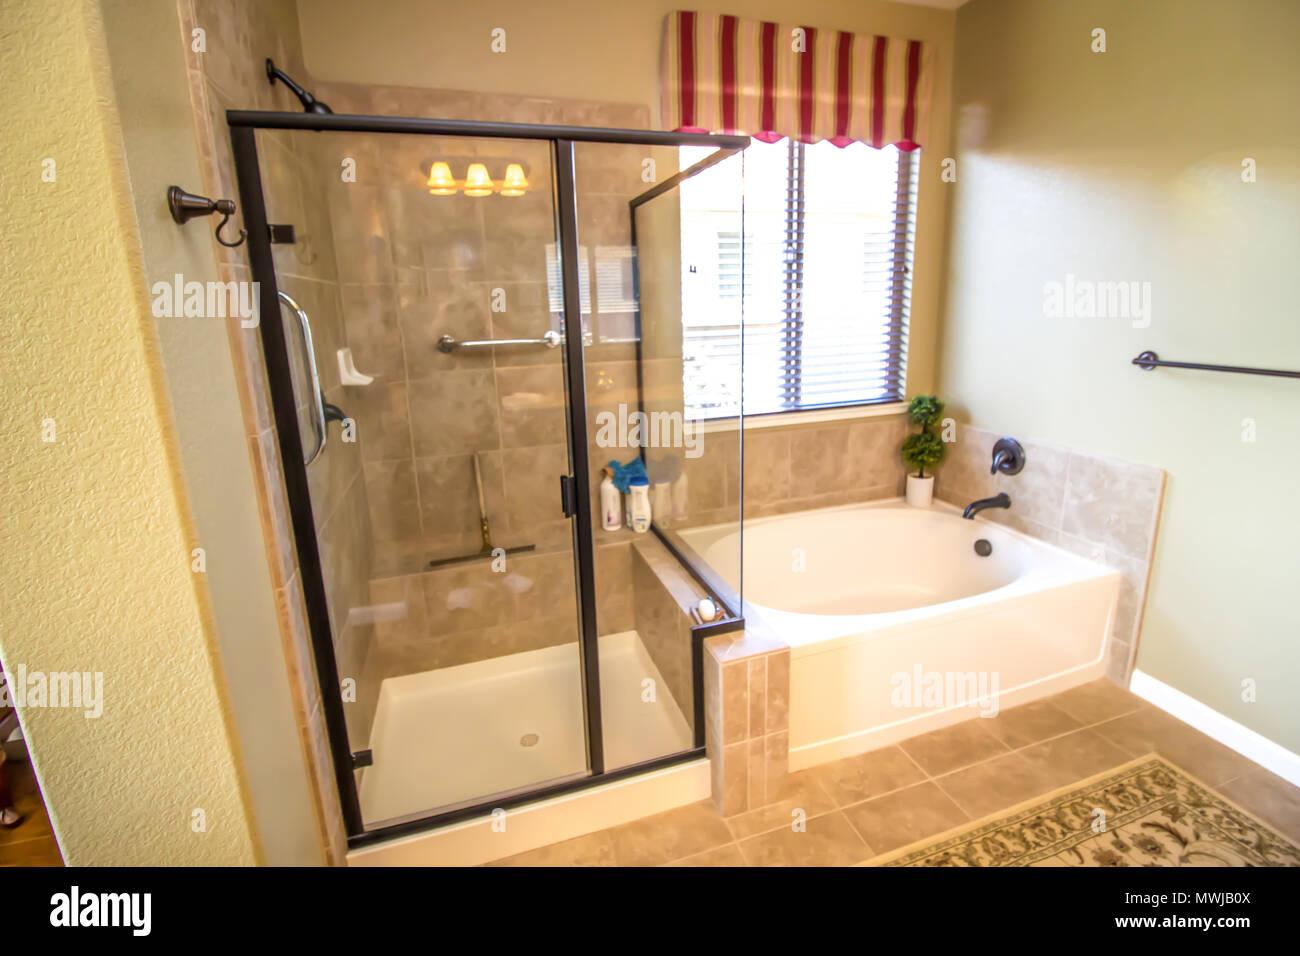 Bagno moderno con doccia in vetro e vasca foto immagine for Bagno moderno doccia